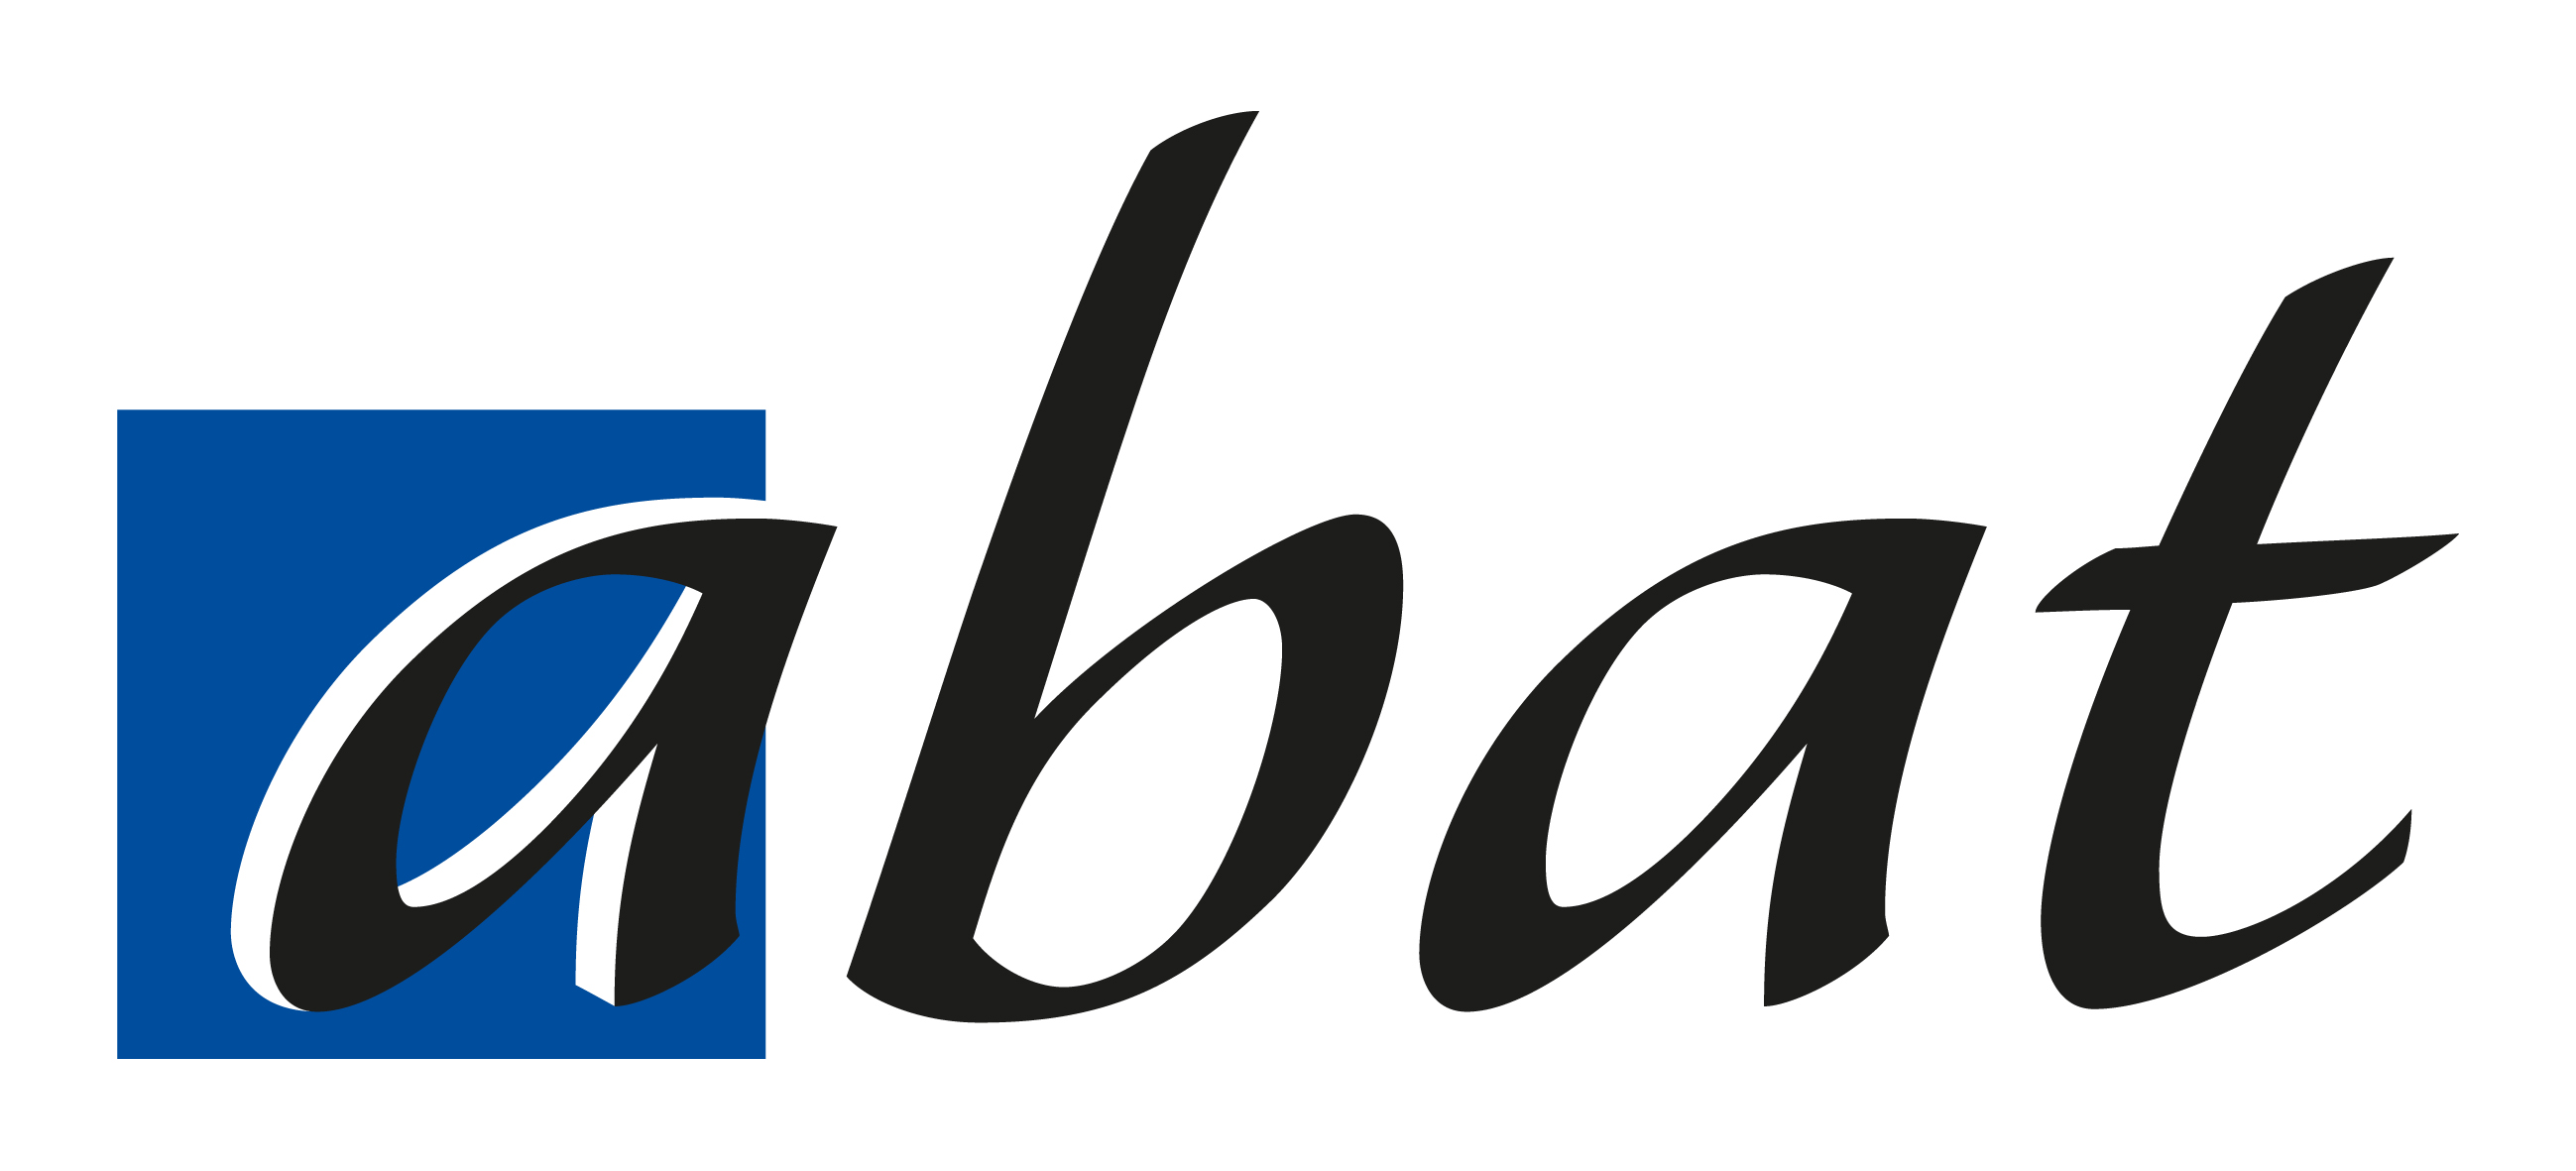 mitglieder-logos/1000001936_abat-blau-schwarz[1].png